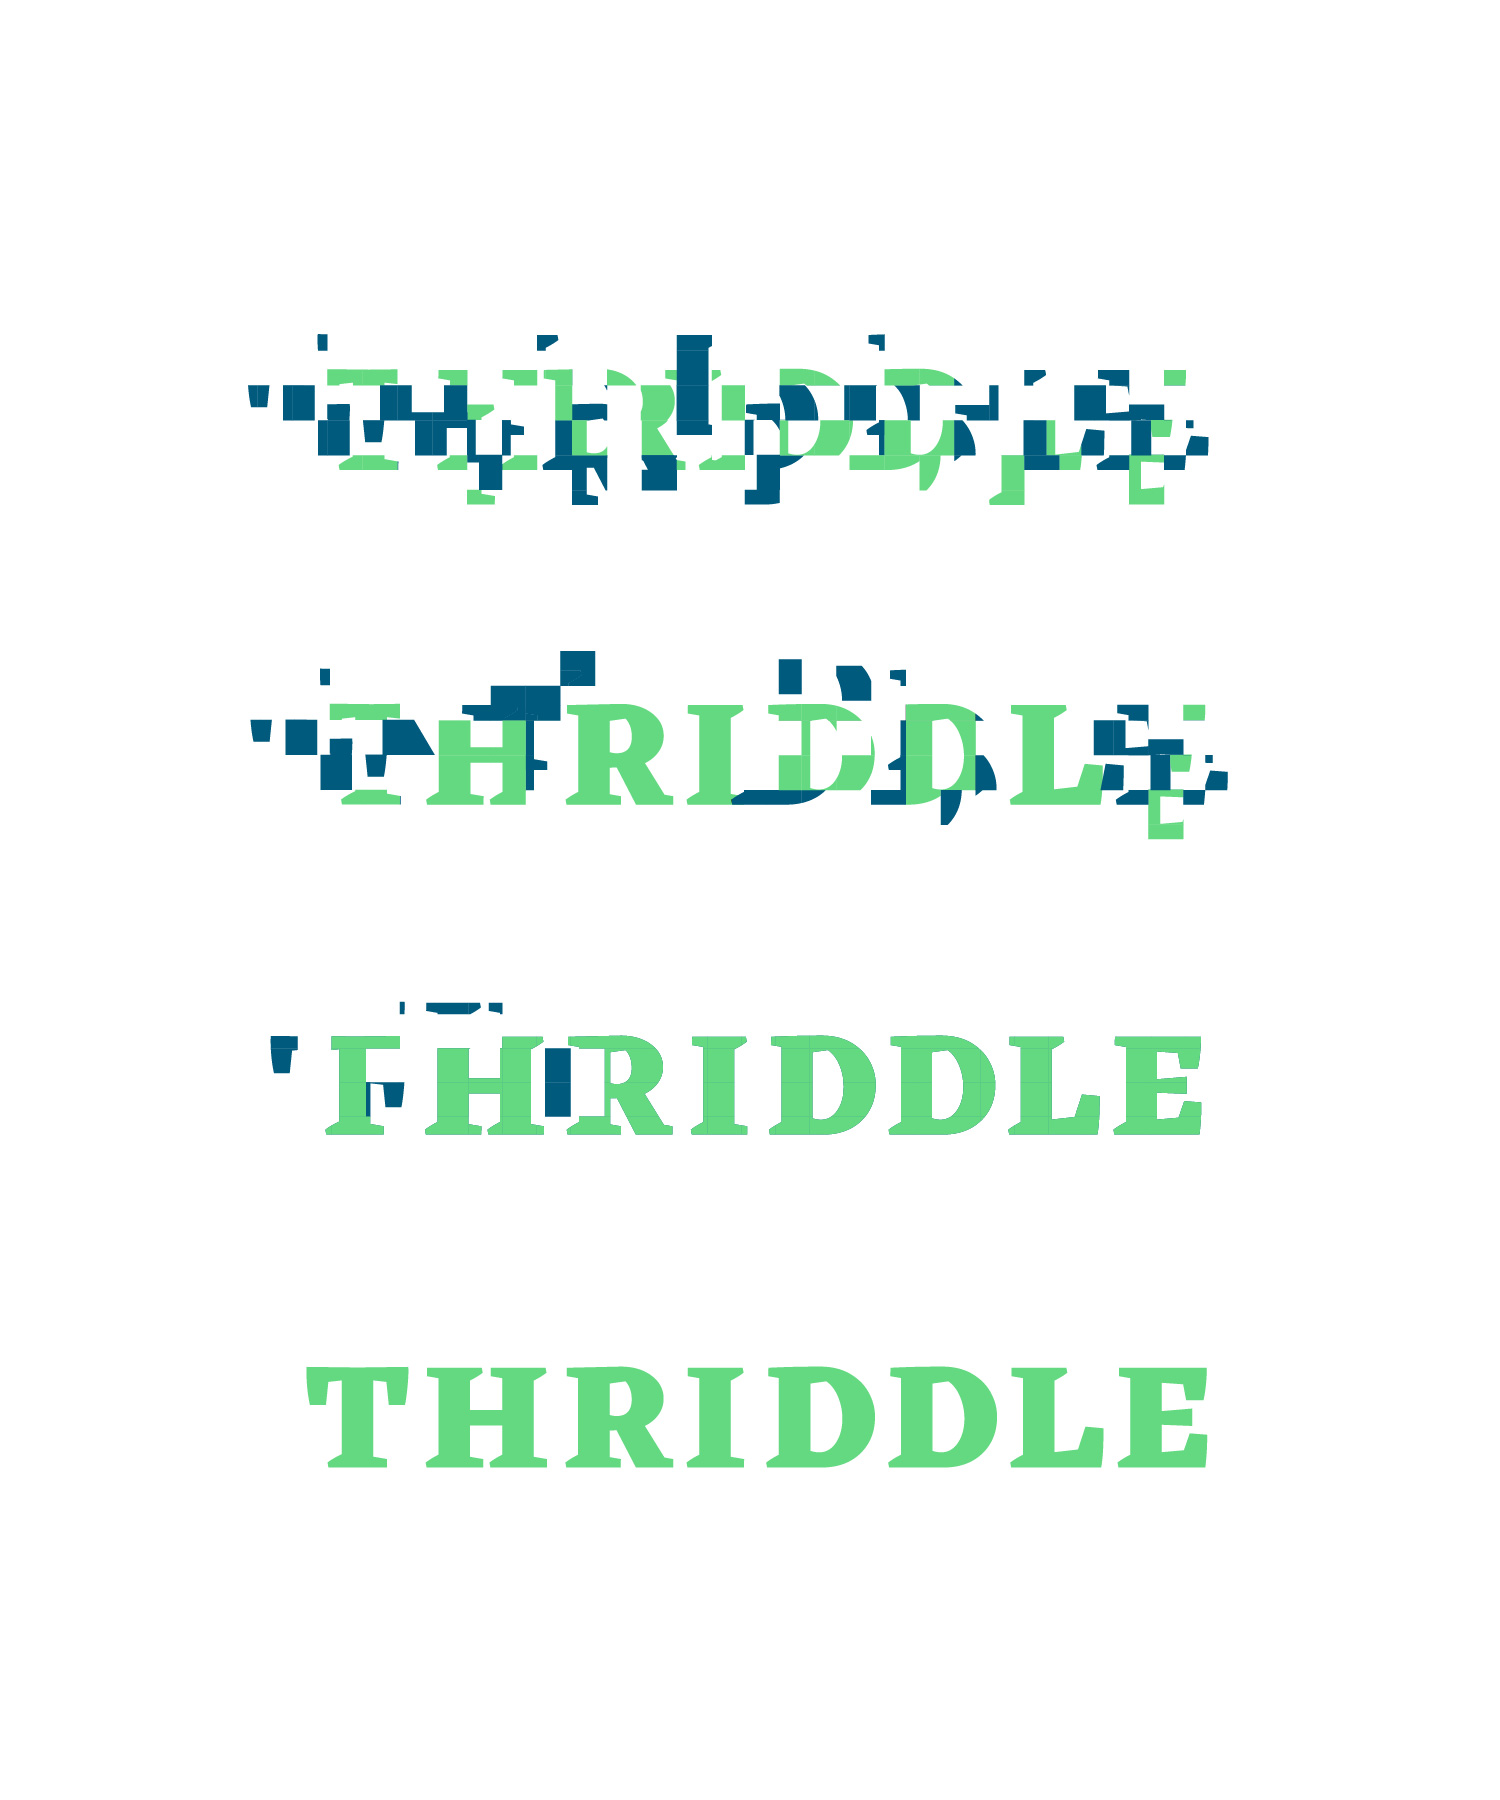 Thriddle logo animatie M-space